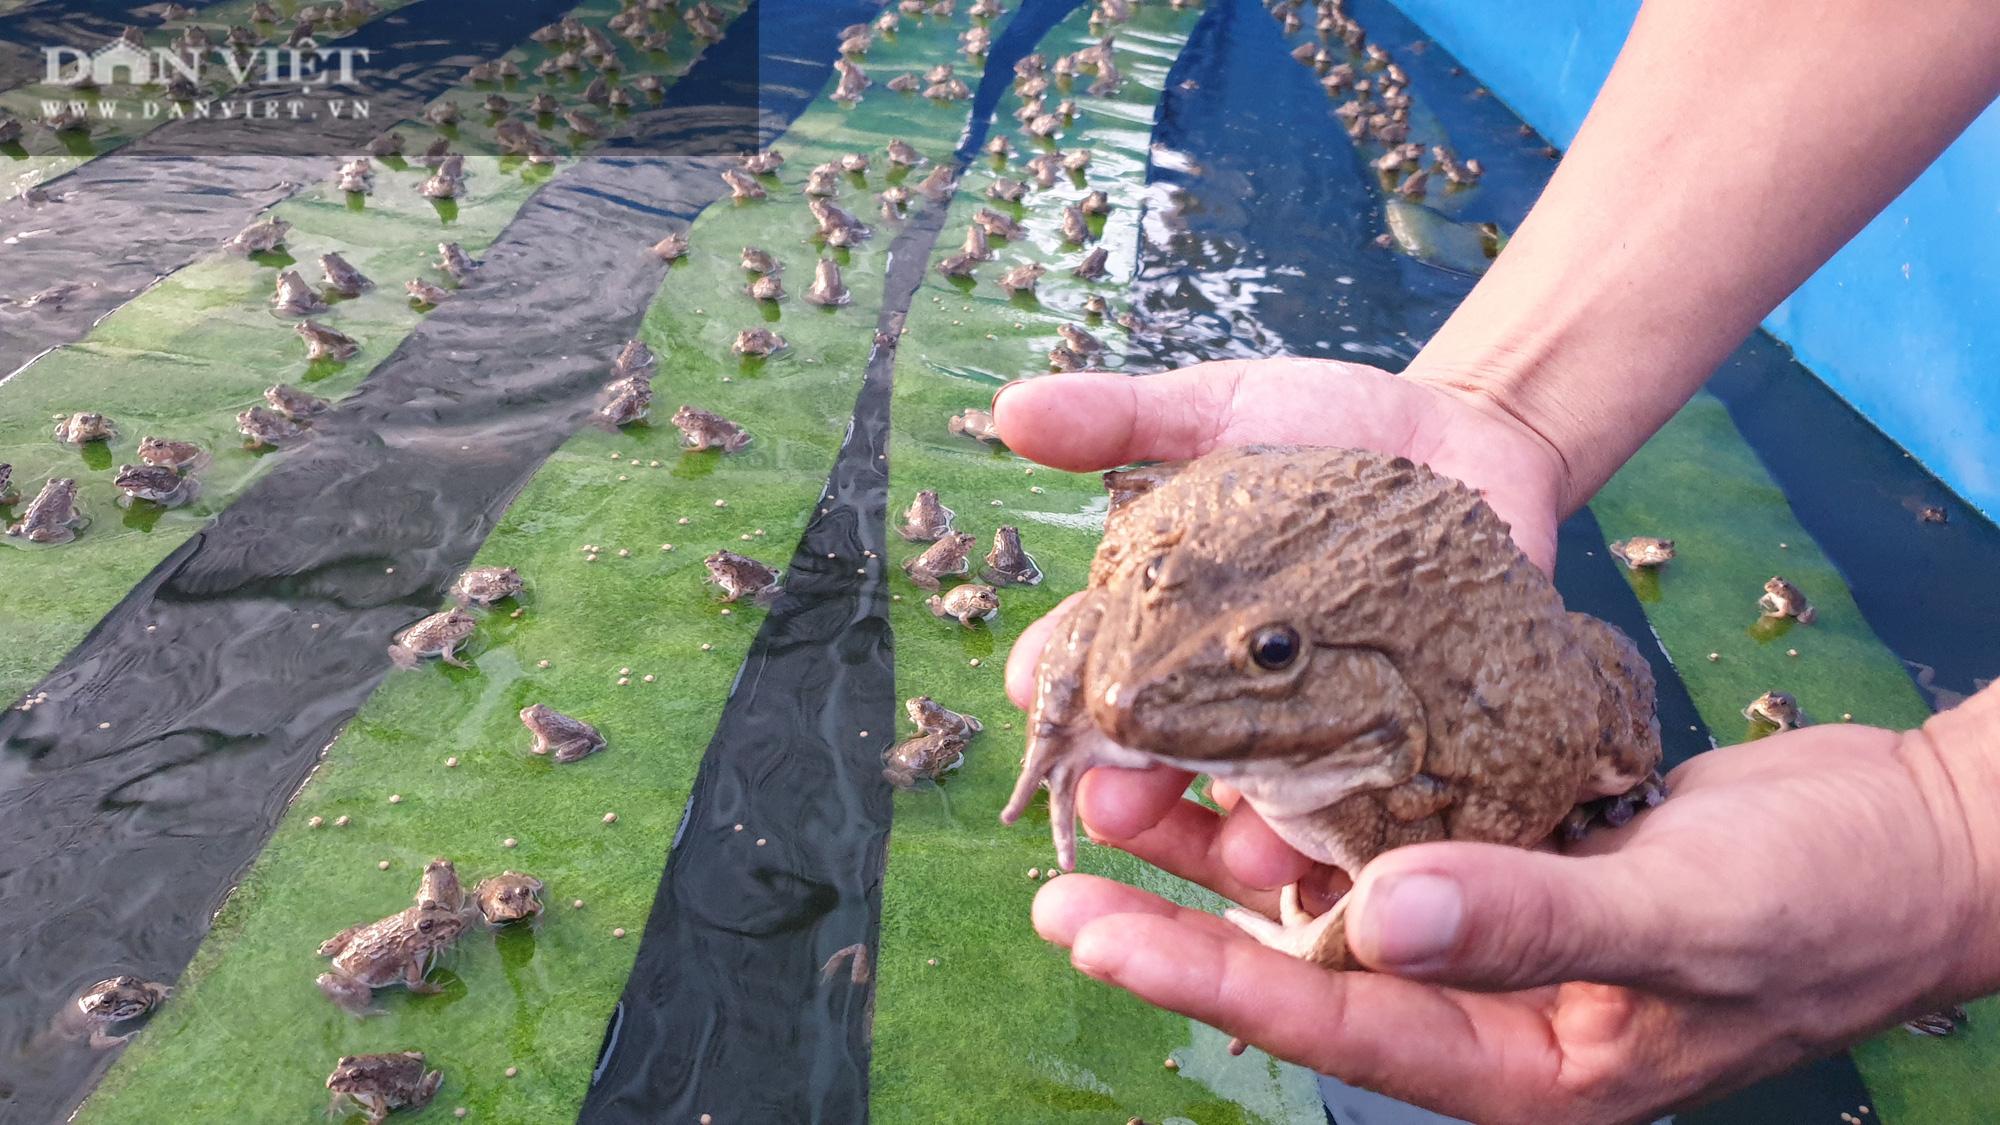 Nam Định: 9x về quê miệt mài nuôi ếch, bỏ túi gần nửa tỷ mỗi năm  - Ảnh 2.